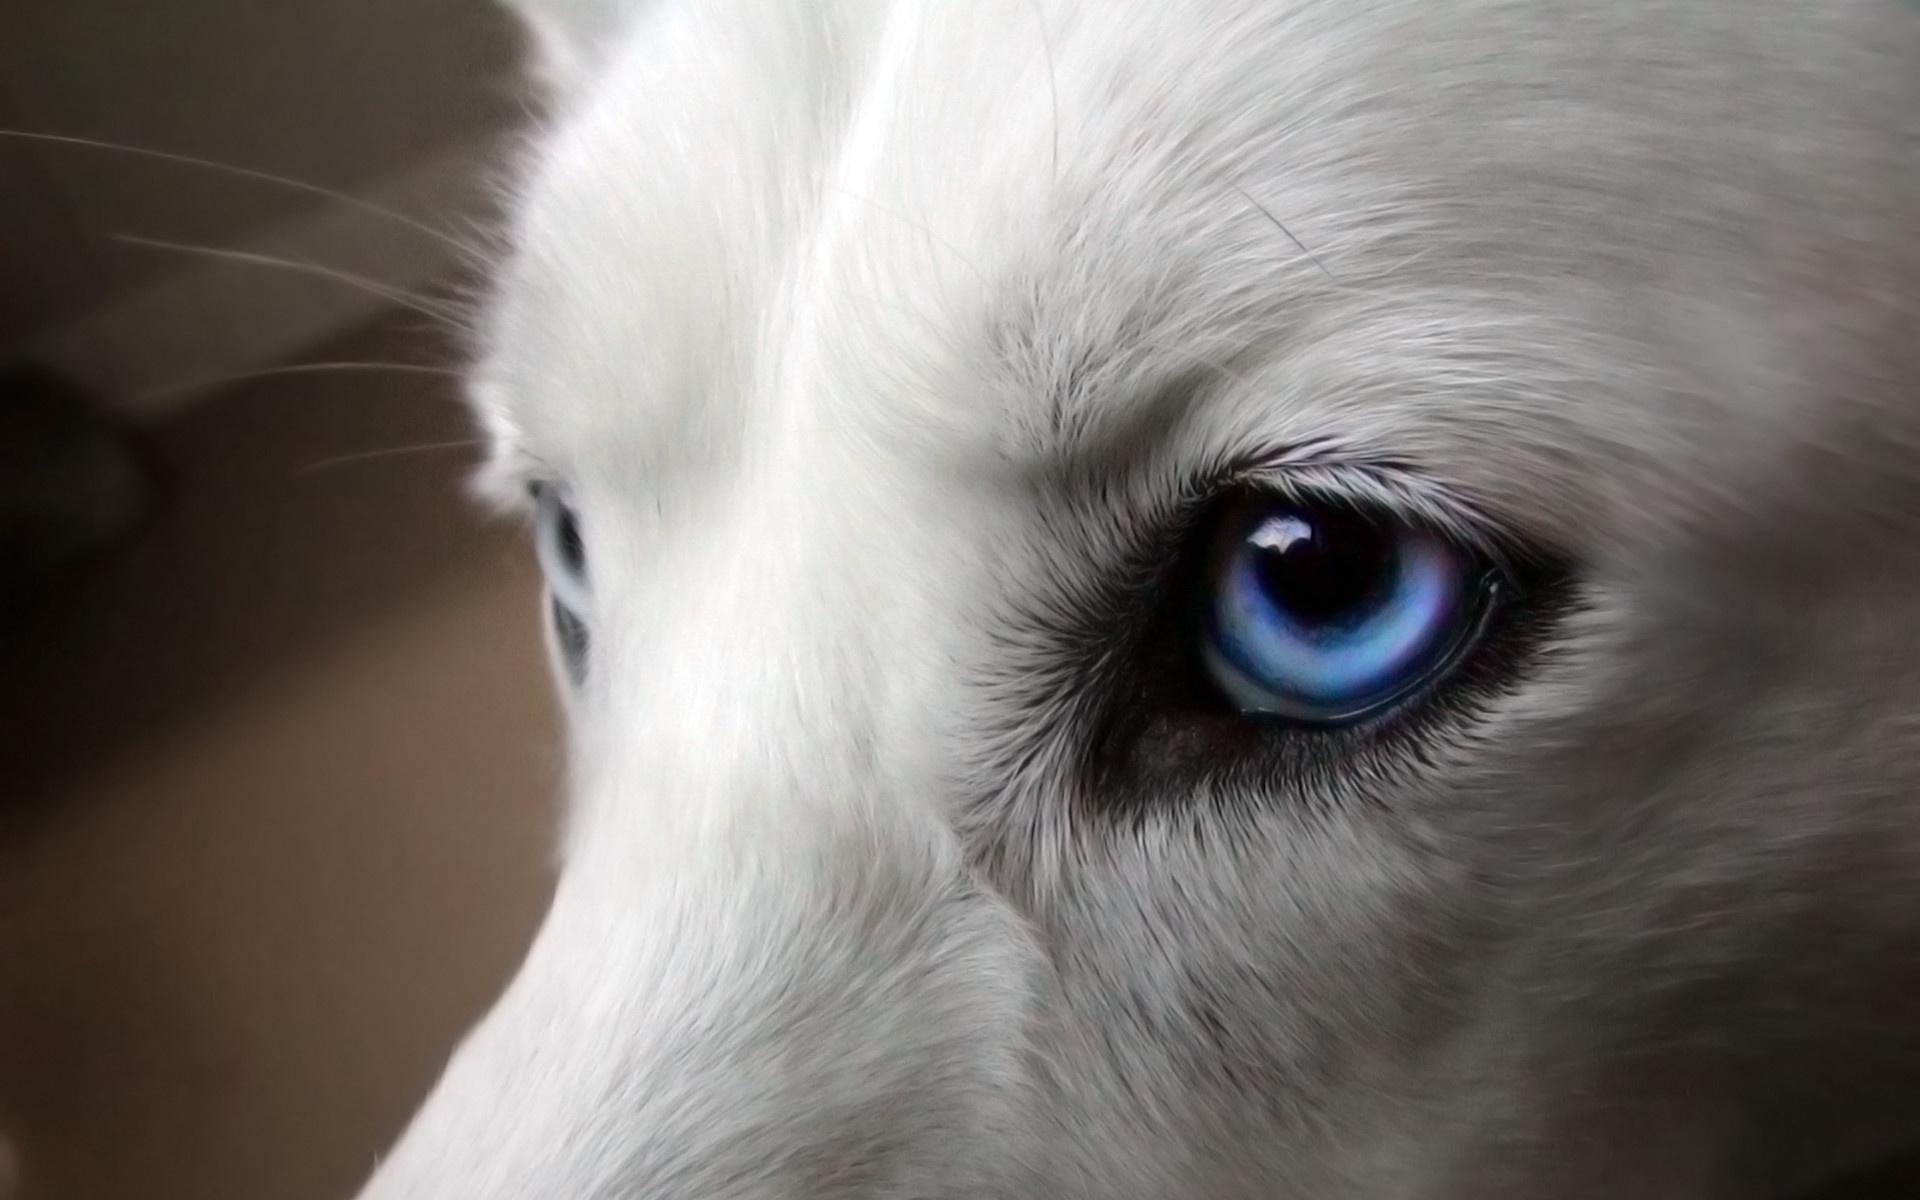 Фото хасок с голубыми глазами